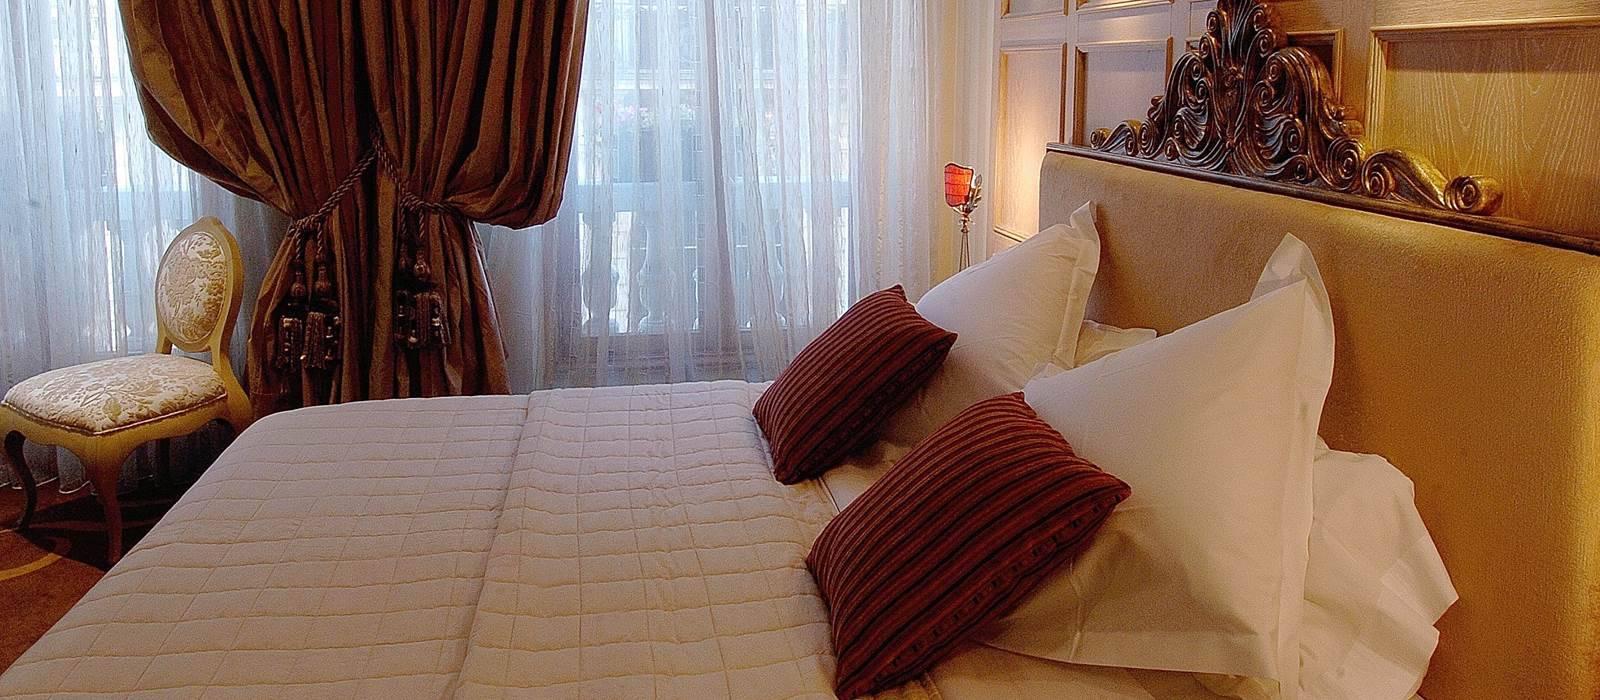 d coration h tel de luxe rue vernet paris couture d 39 ameublement sur mesure sud de la france. Black Bedroom Furniture Sets. Home Design Ideas